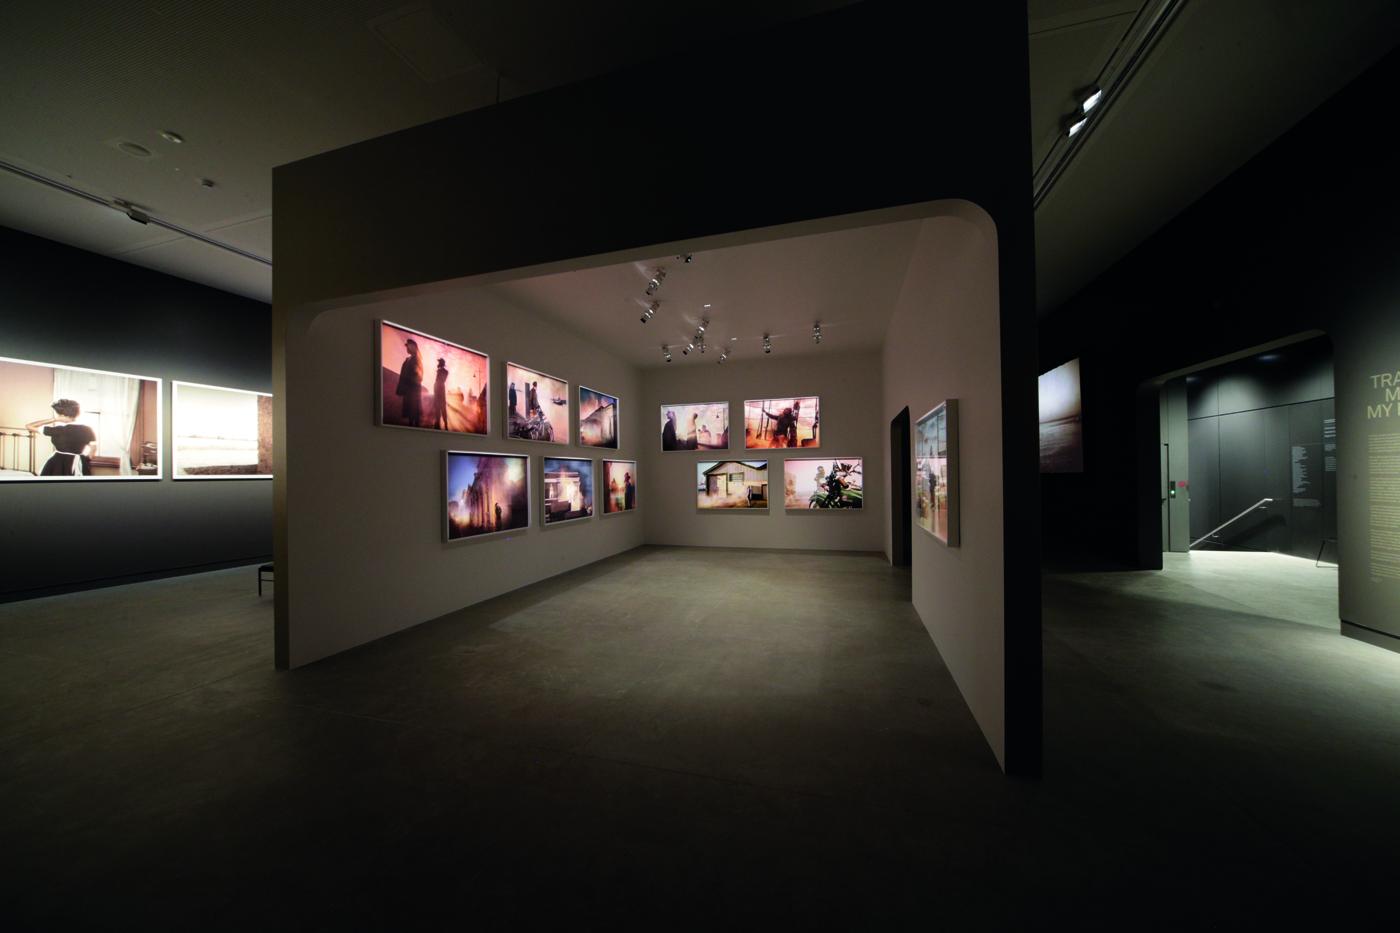 Tracey Moffatt. My Horizon, veduta dell'installazione nel Padiglione Australia, 57. Esposizione Internazionale d'Arte - La Biennale di Venezia. Foto: John Gollings